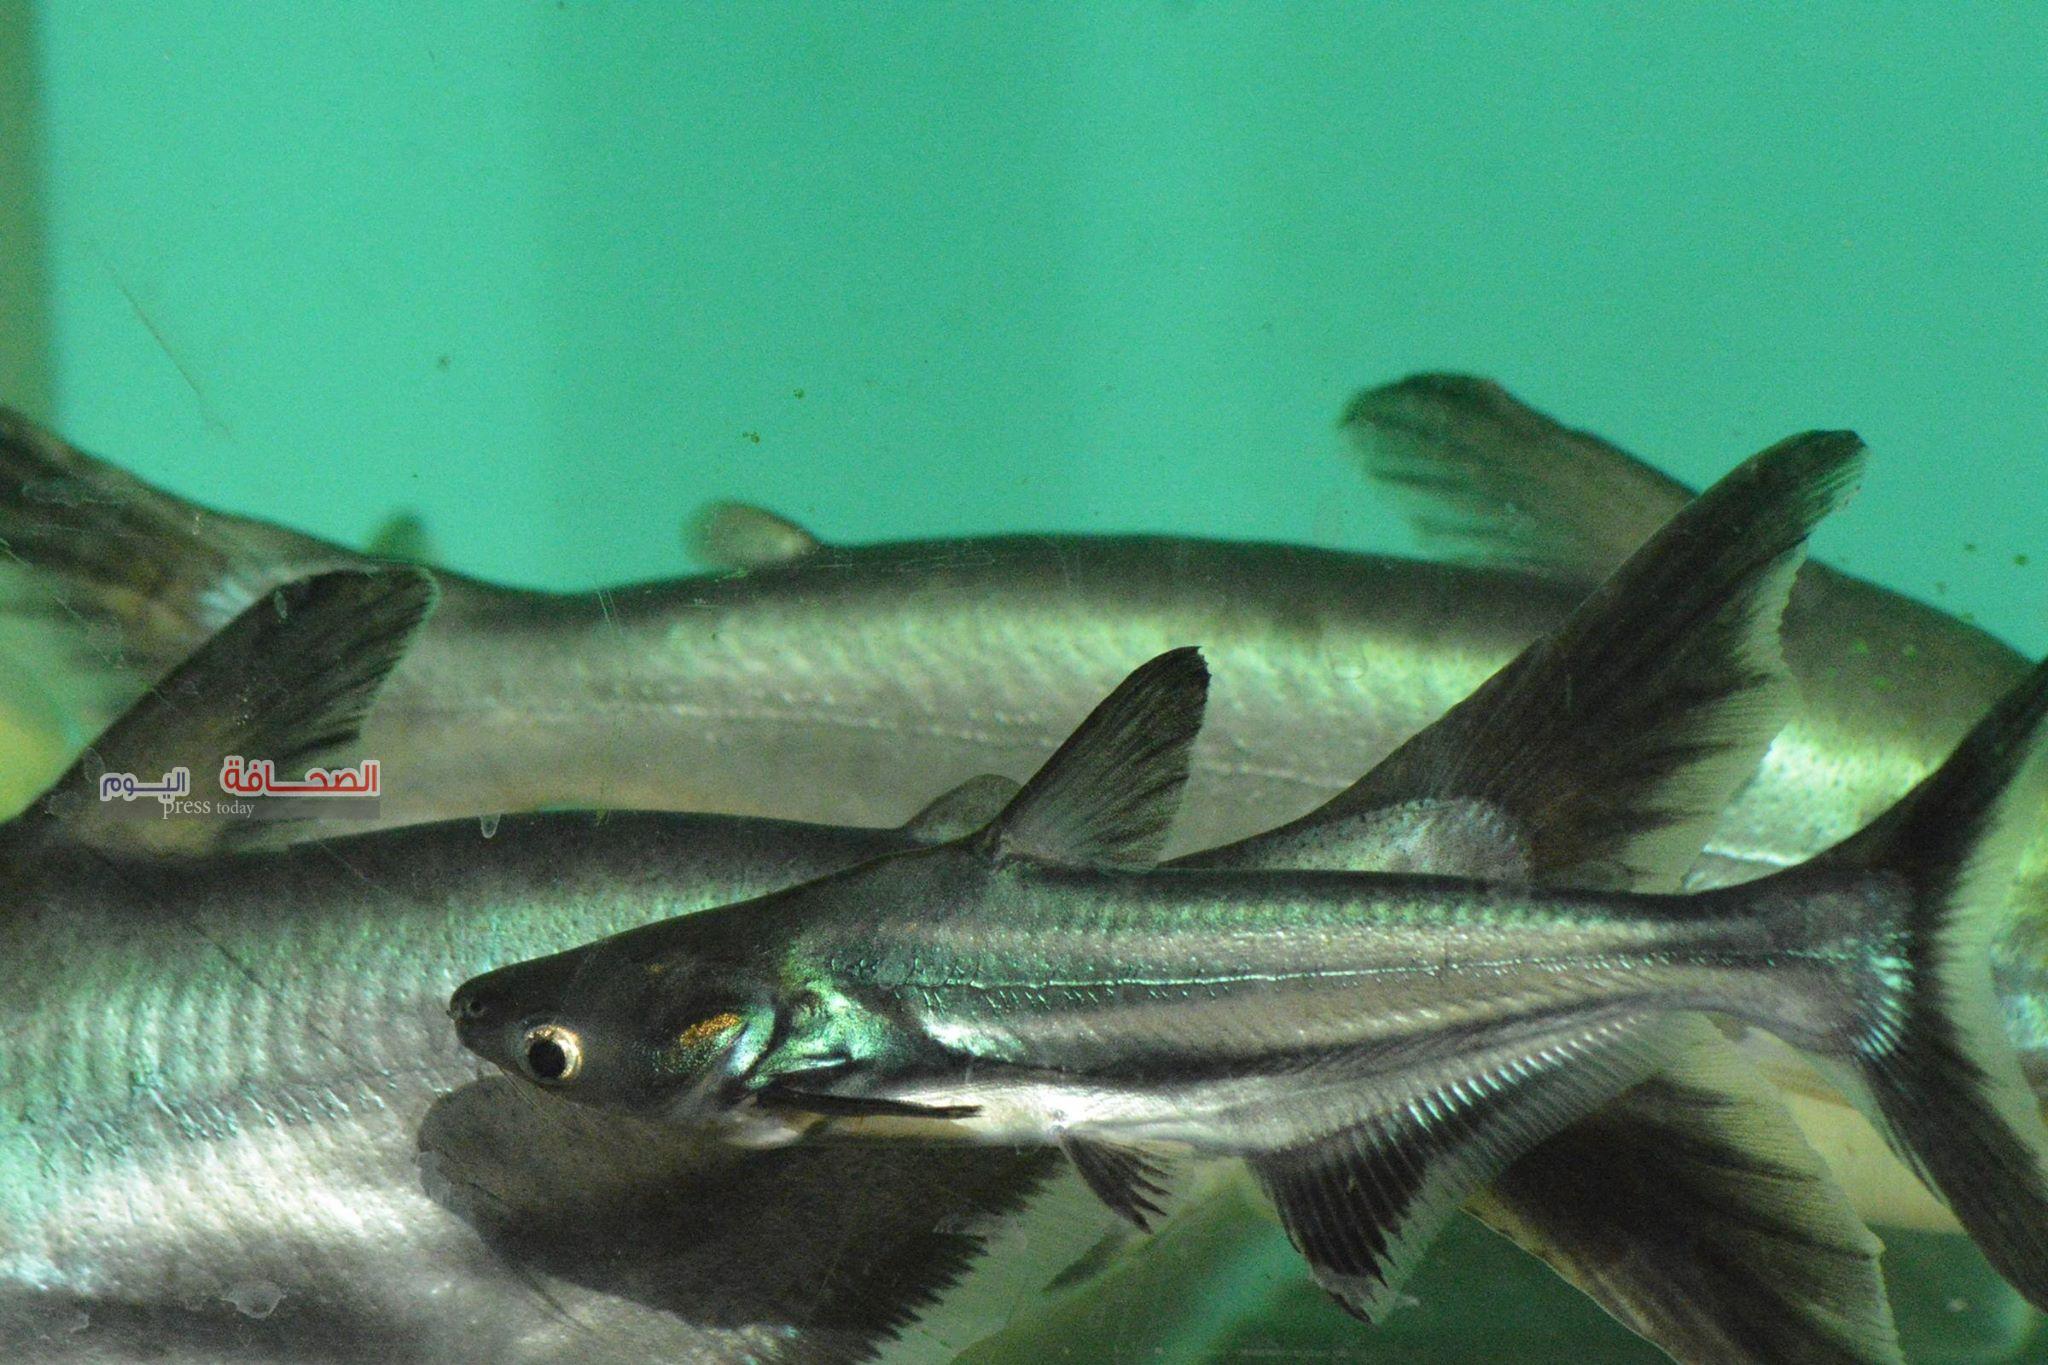 بالصور ..  تفريغ بيض سمكة بانجسيوس الاسيوية النادرة بحديقة الأسماك